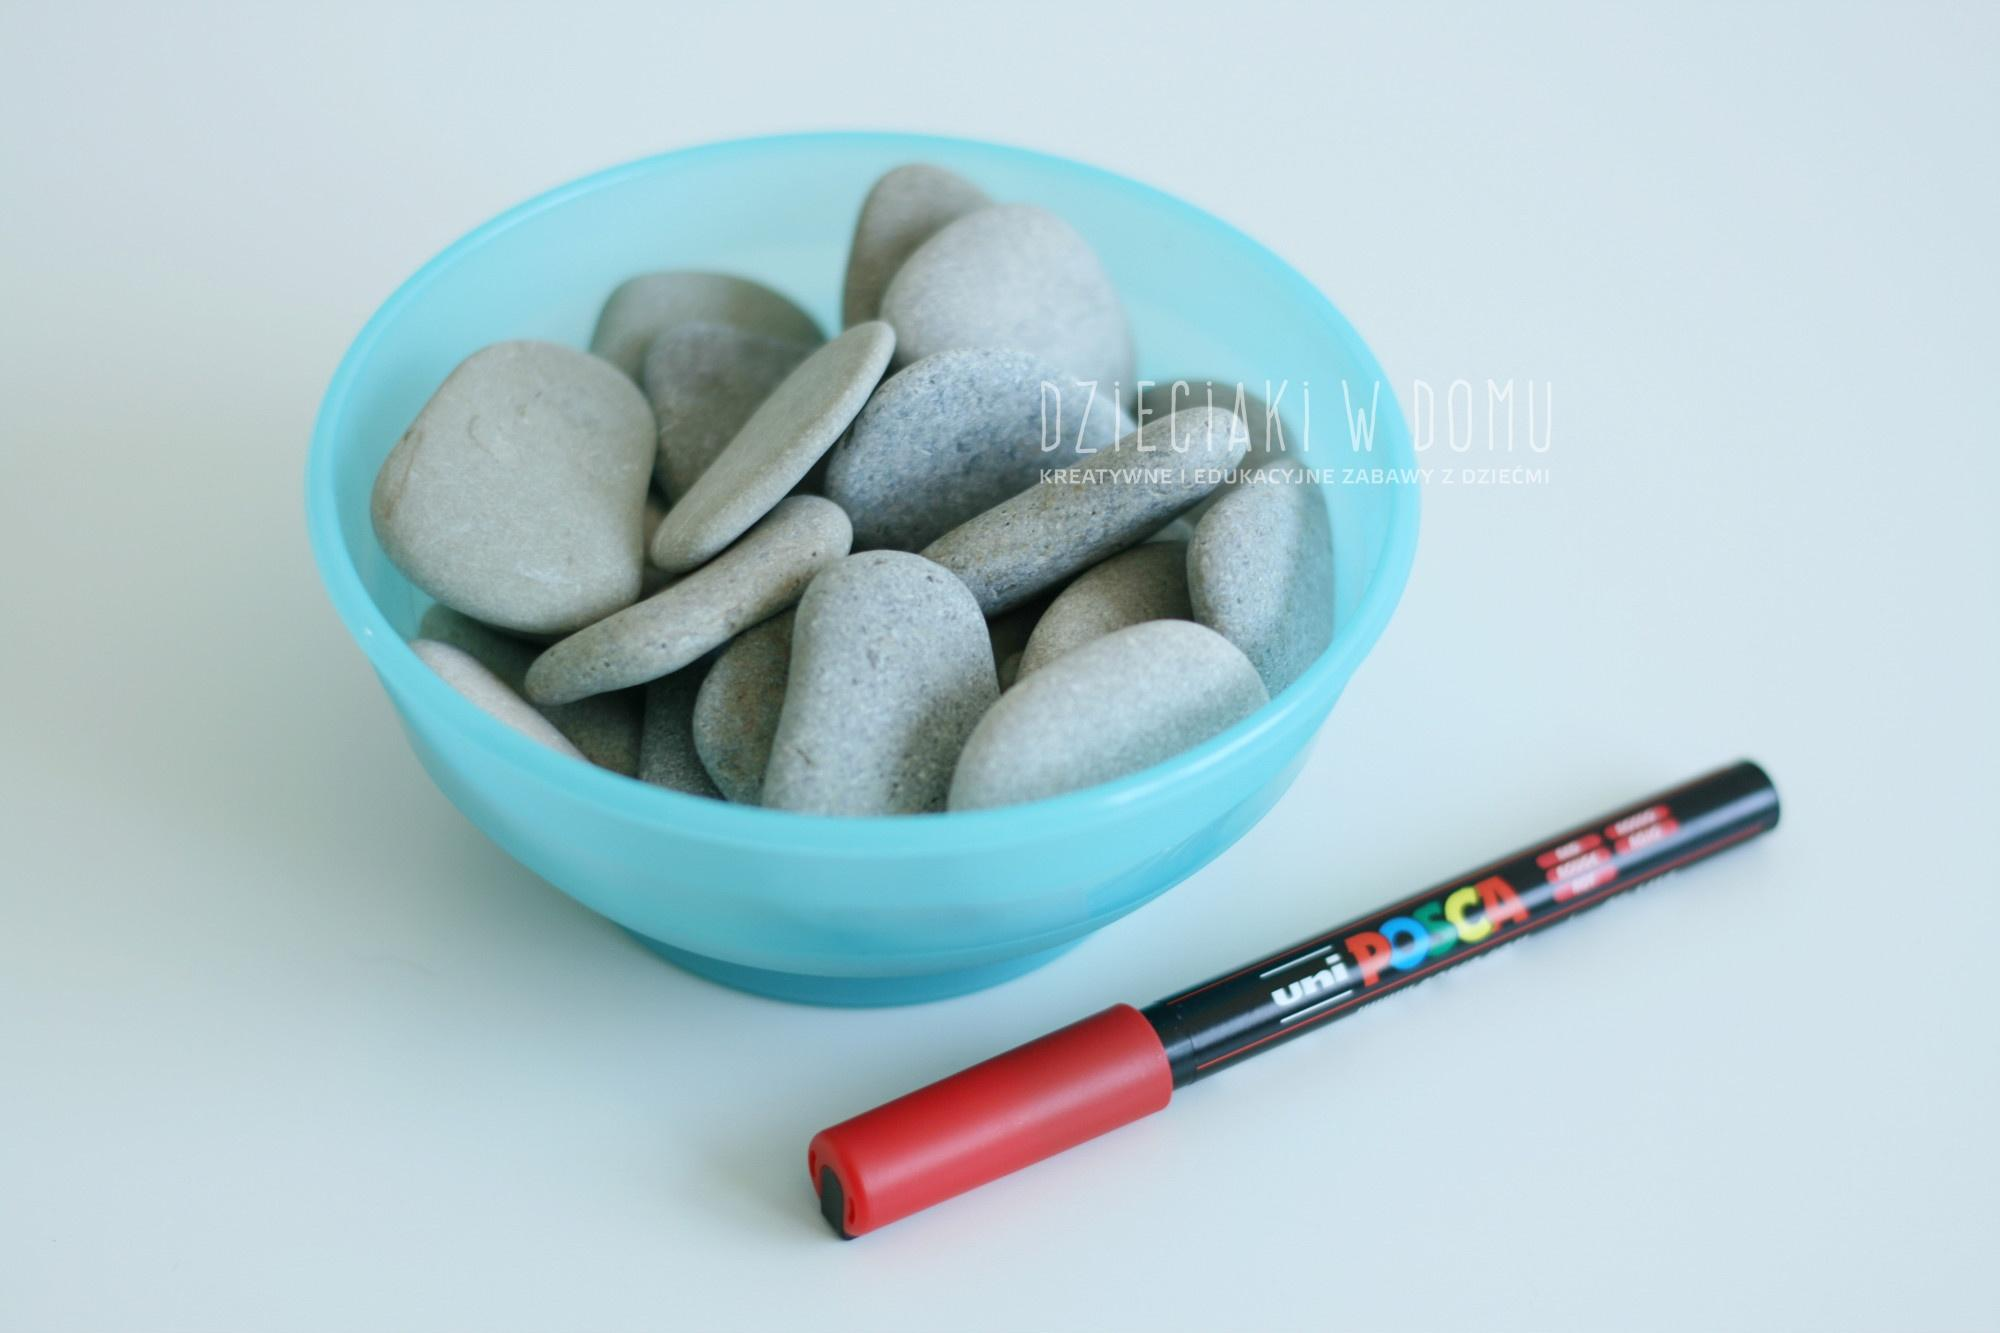 کاردستی آموزش اعداد به کودکان از طریق سنگ